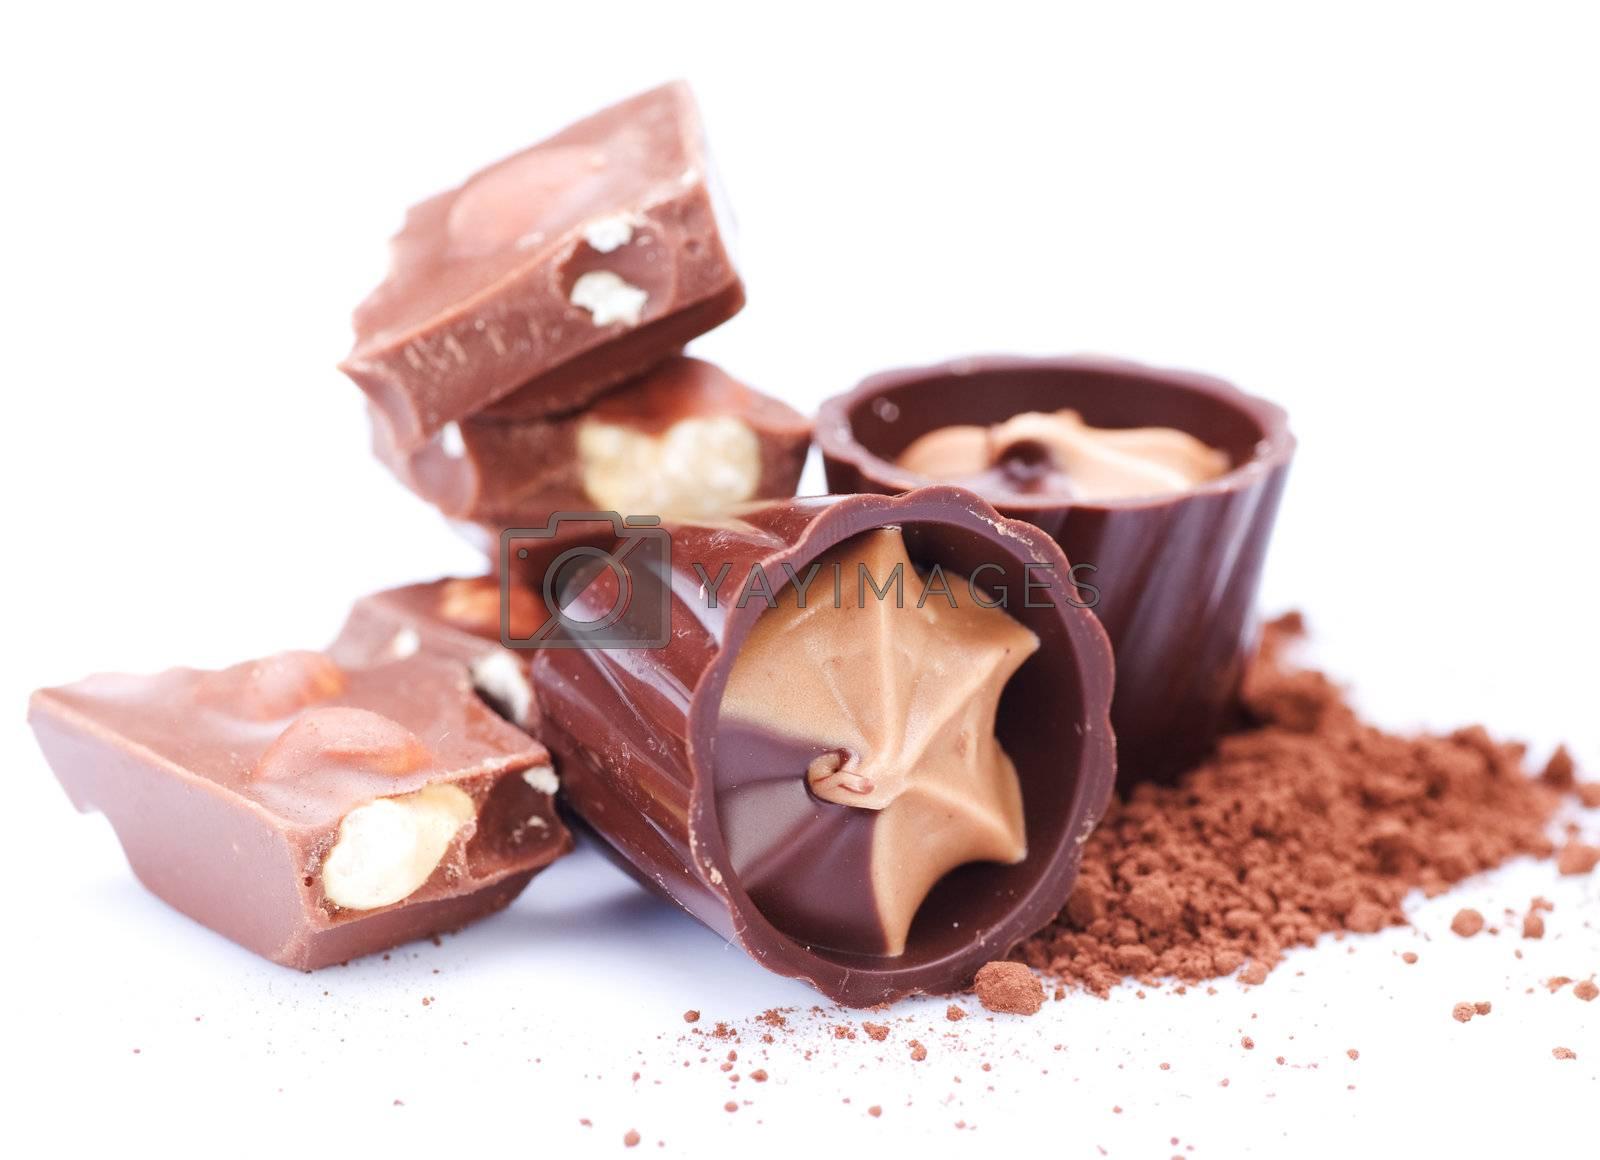 Chocolate over white by Subbotina Anna